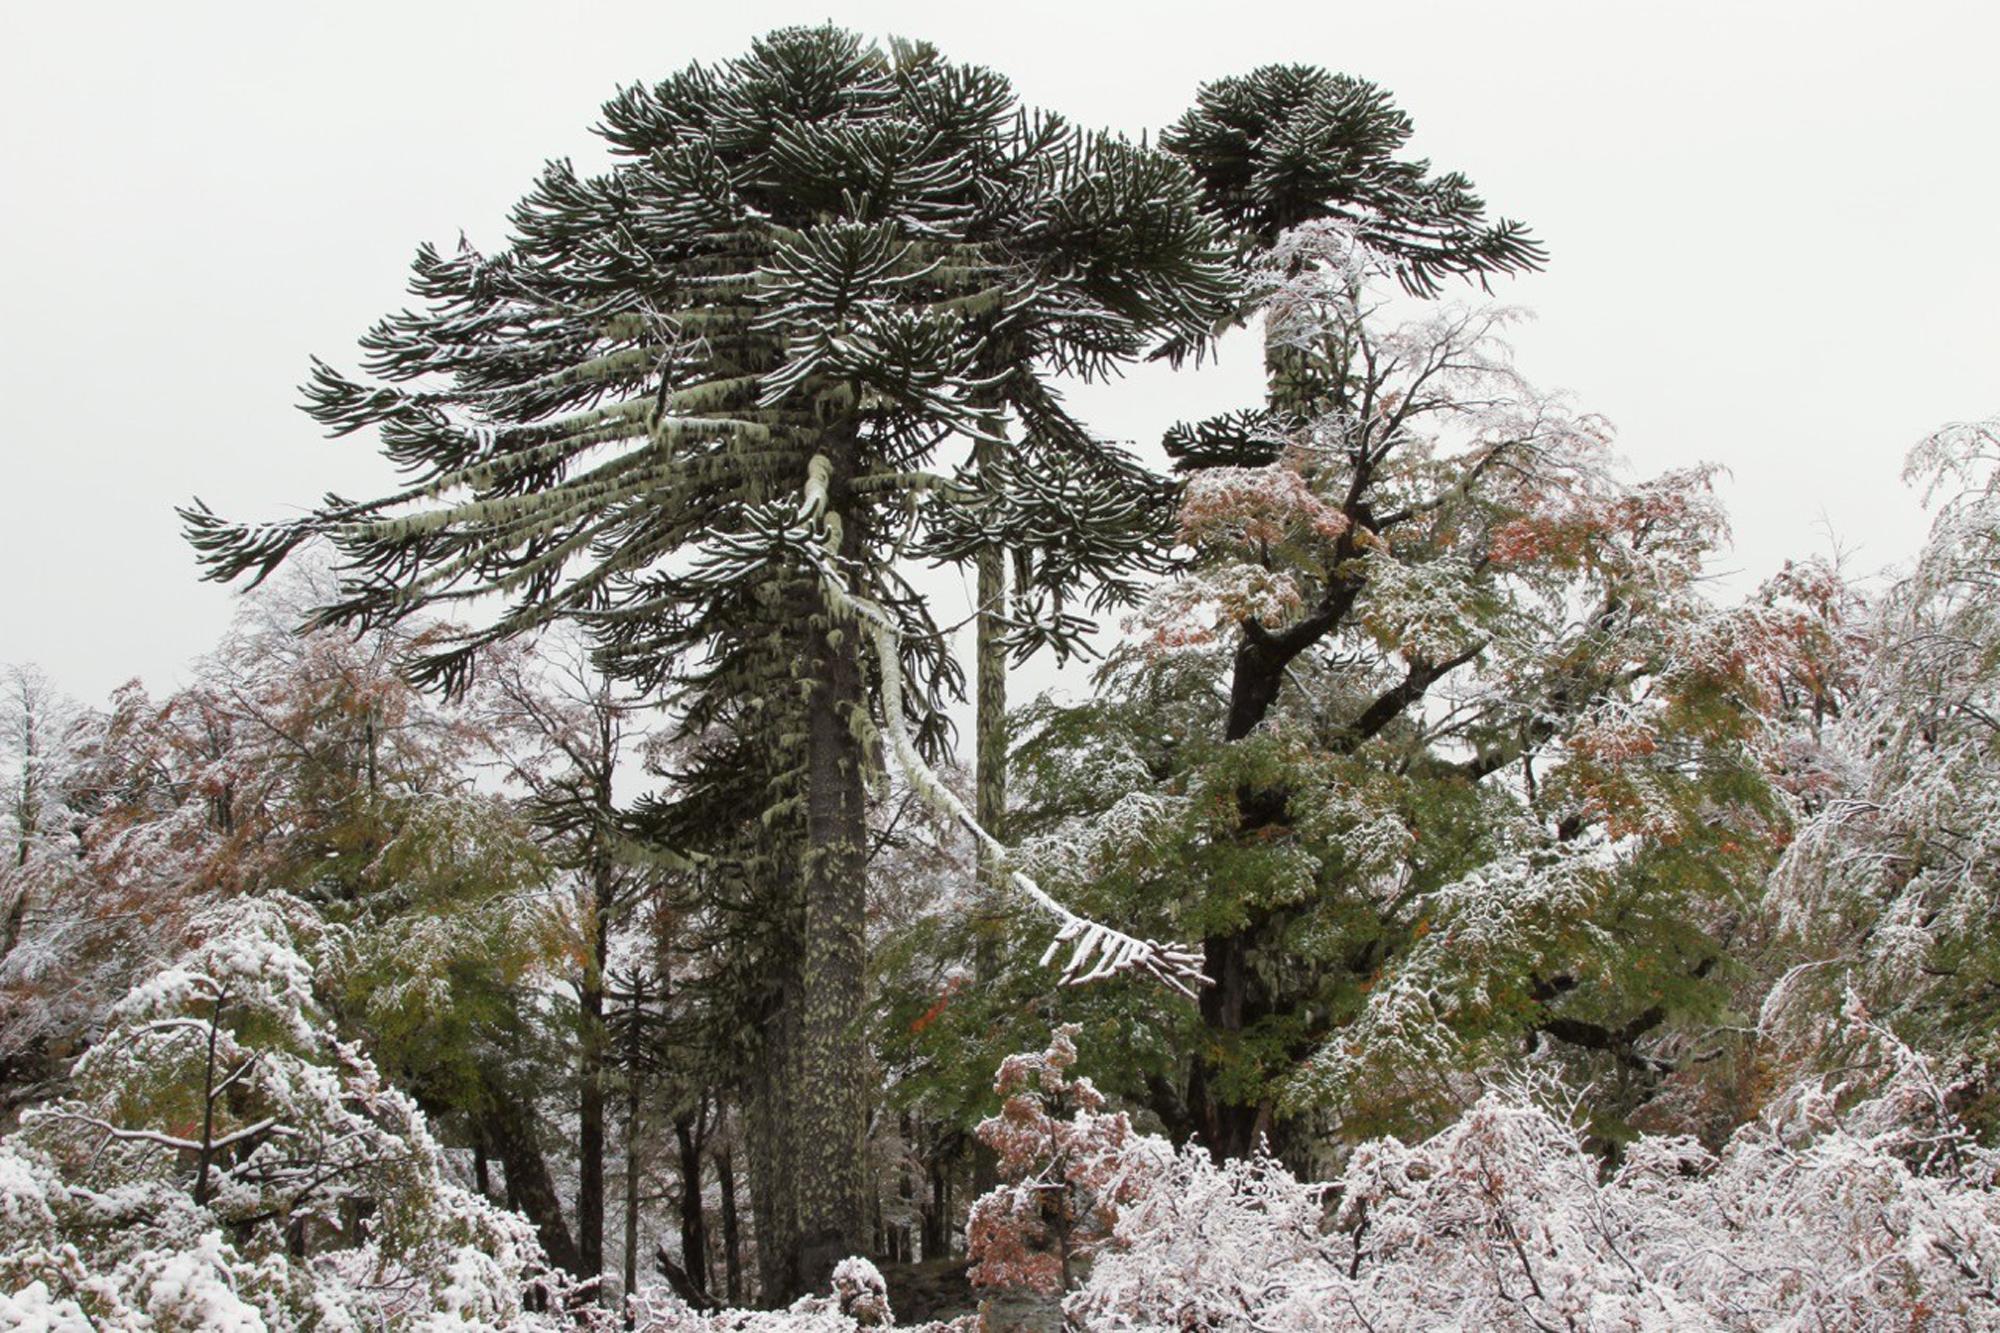 Fresh snow on araucaria trees (Araucaria araucana)